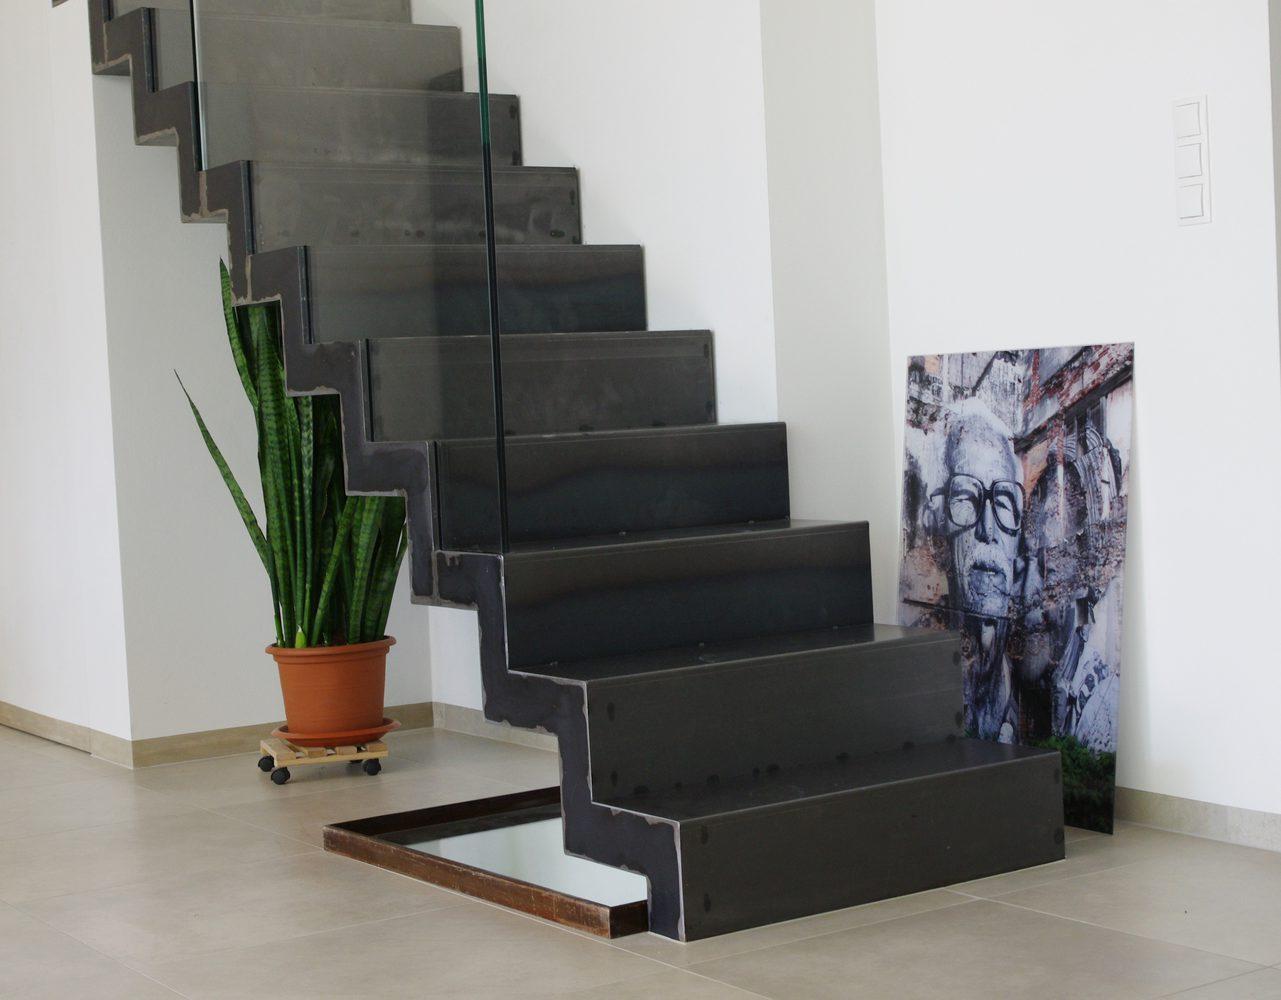 Dettaglio gradino scala a giorno per interni in metallo nero con parapetto in vetro